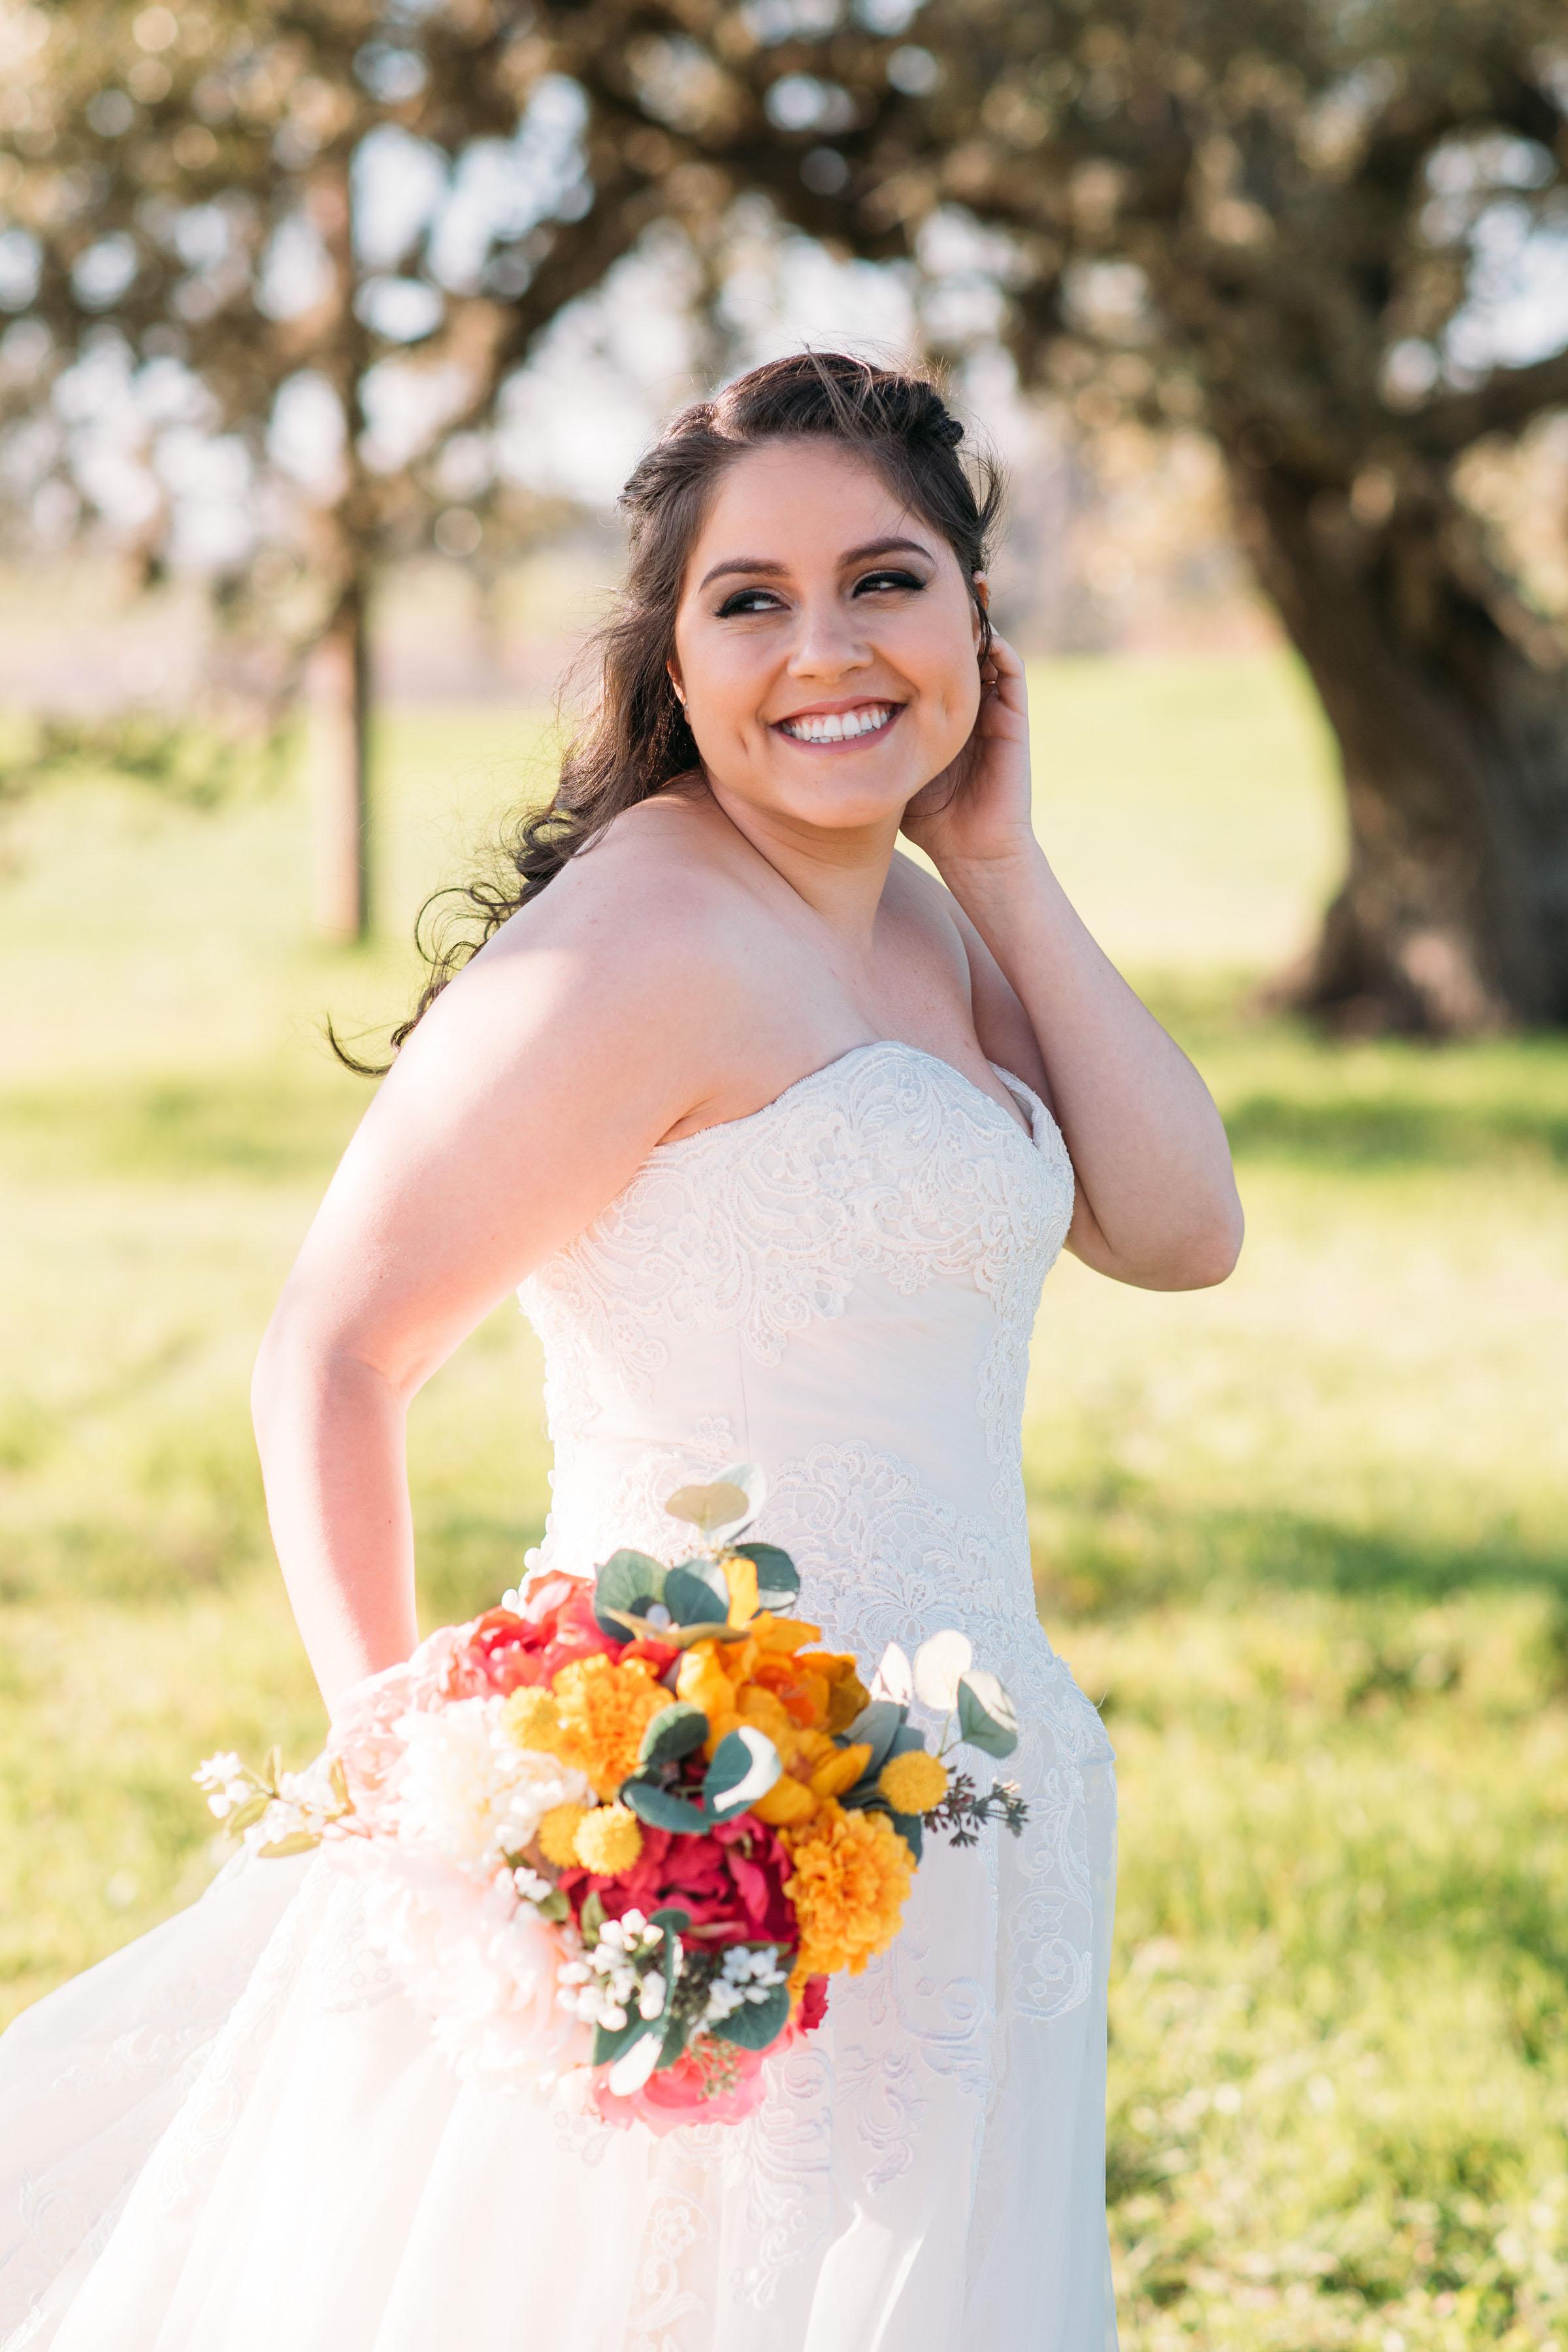 Melissa-Bridals-Aggie-Bride-MooreRanch-02.jpg